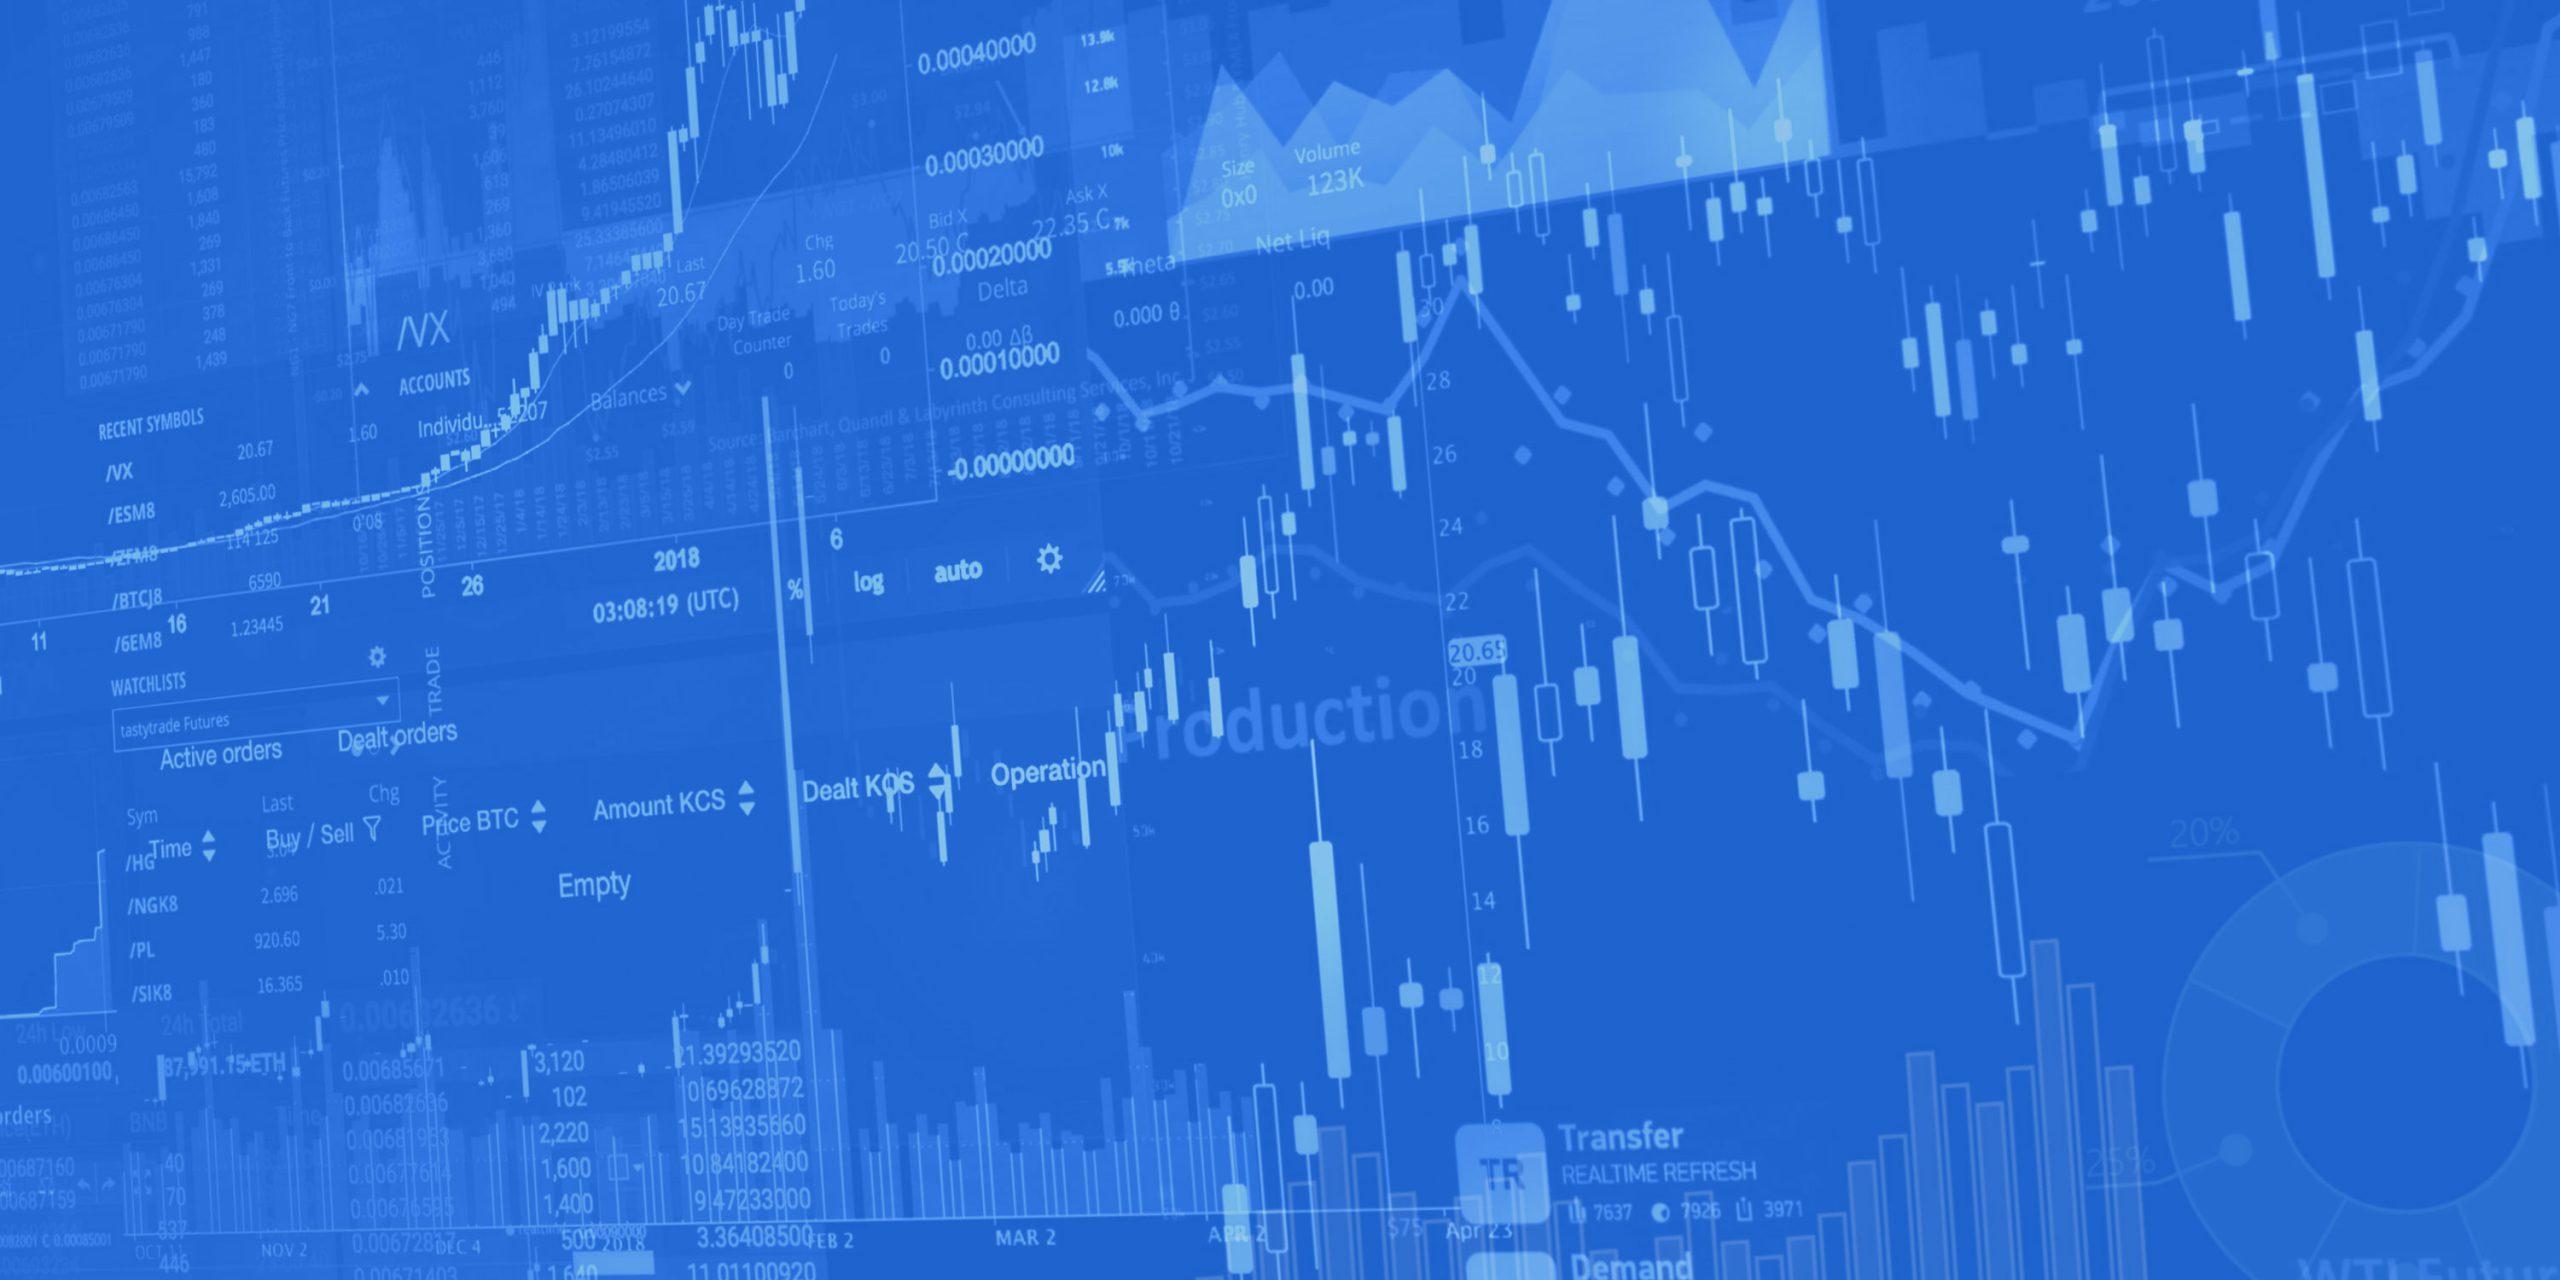 agenzia marketing e comunicazione web marketing e web design Conegliano Treviso - background